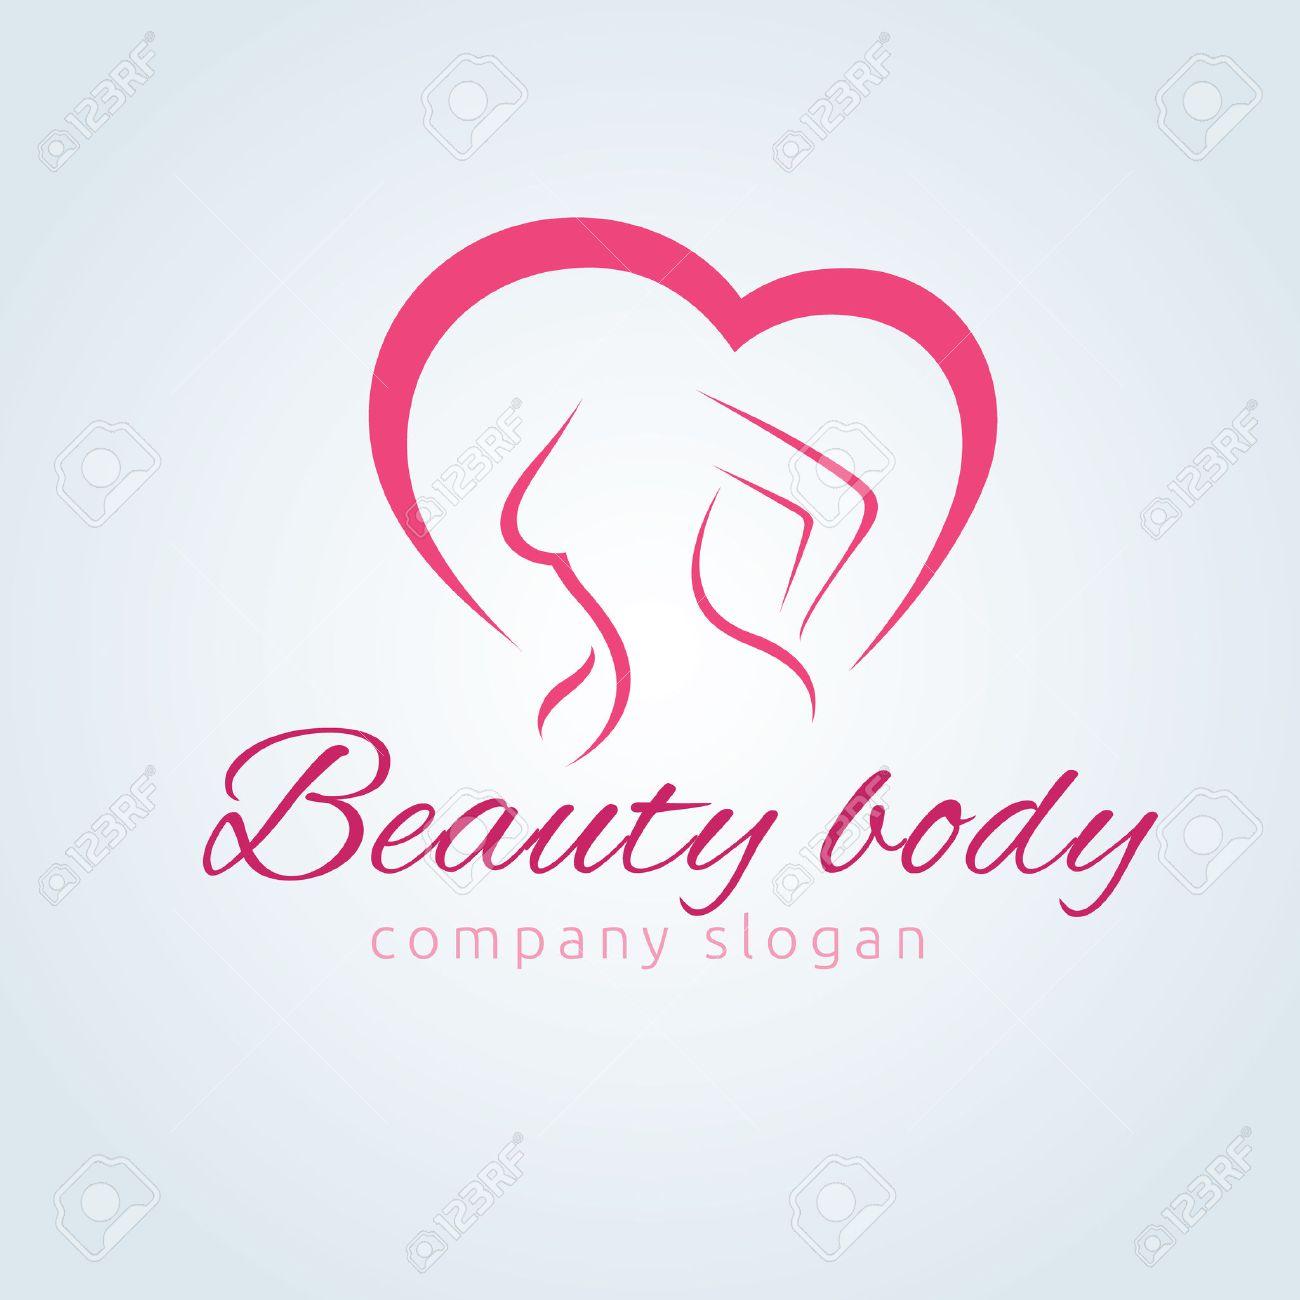 Beauty Logo Tree Logo Feminine Logo Vector Logo Template Royalty Free Cliparts Vectors And Stock Illustration Image 52550250